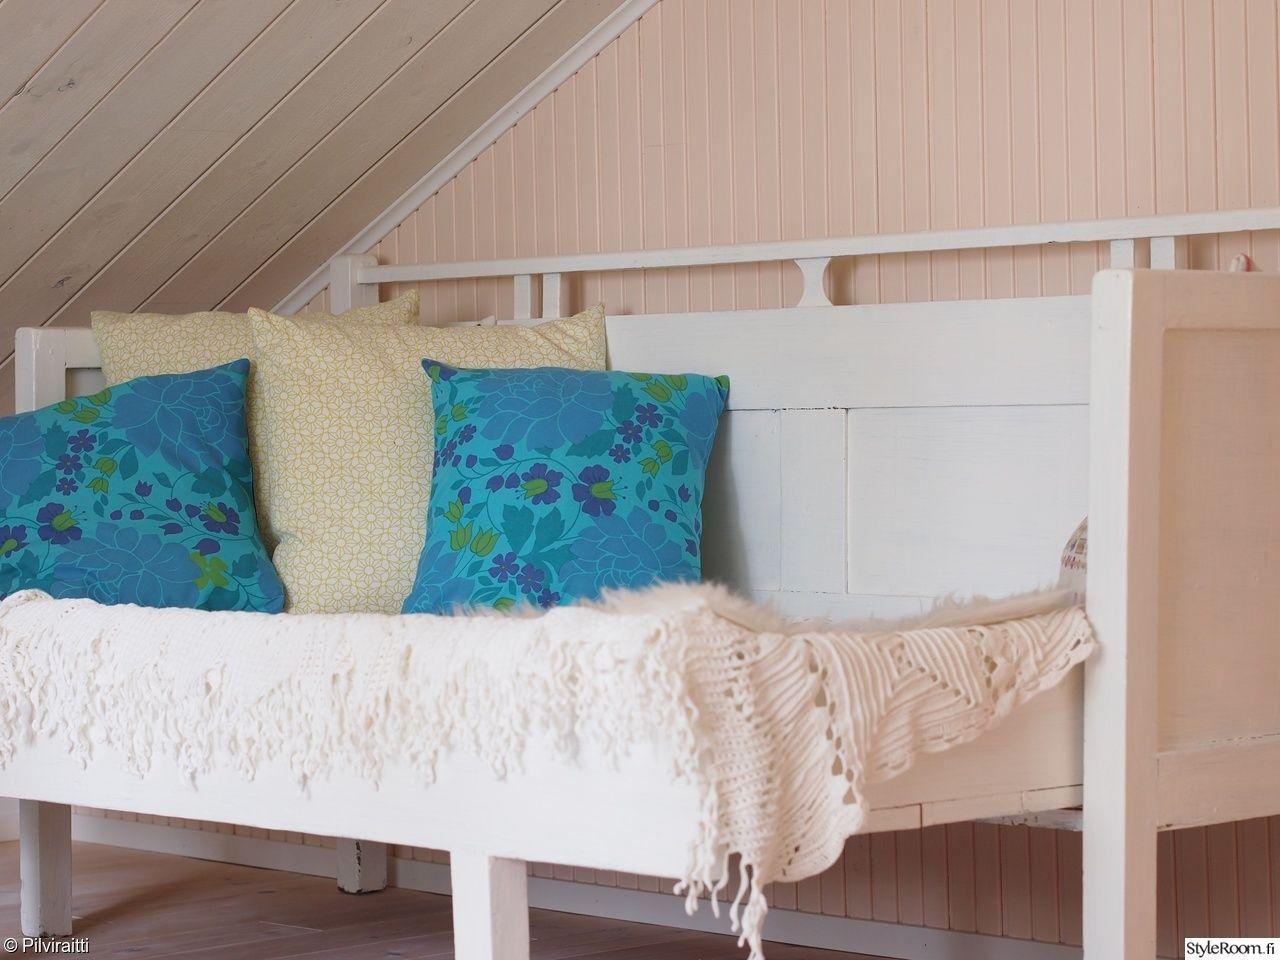 puusohva,retro,sisustustyyny,siskonpaneeli,sisarpaneeli,valkoinen,sininen,pitsi,romanttinen,vintage